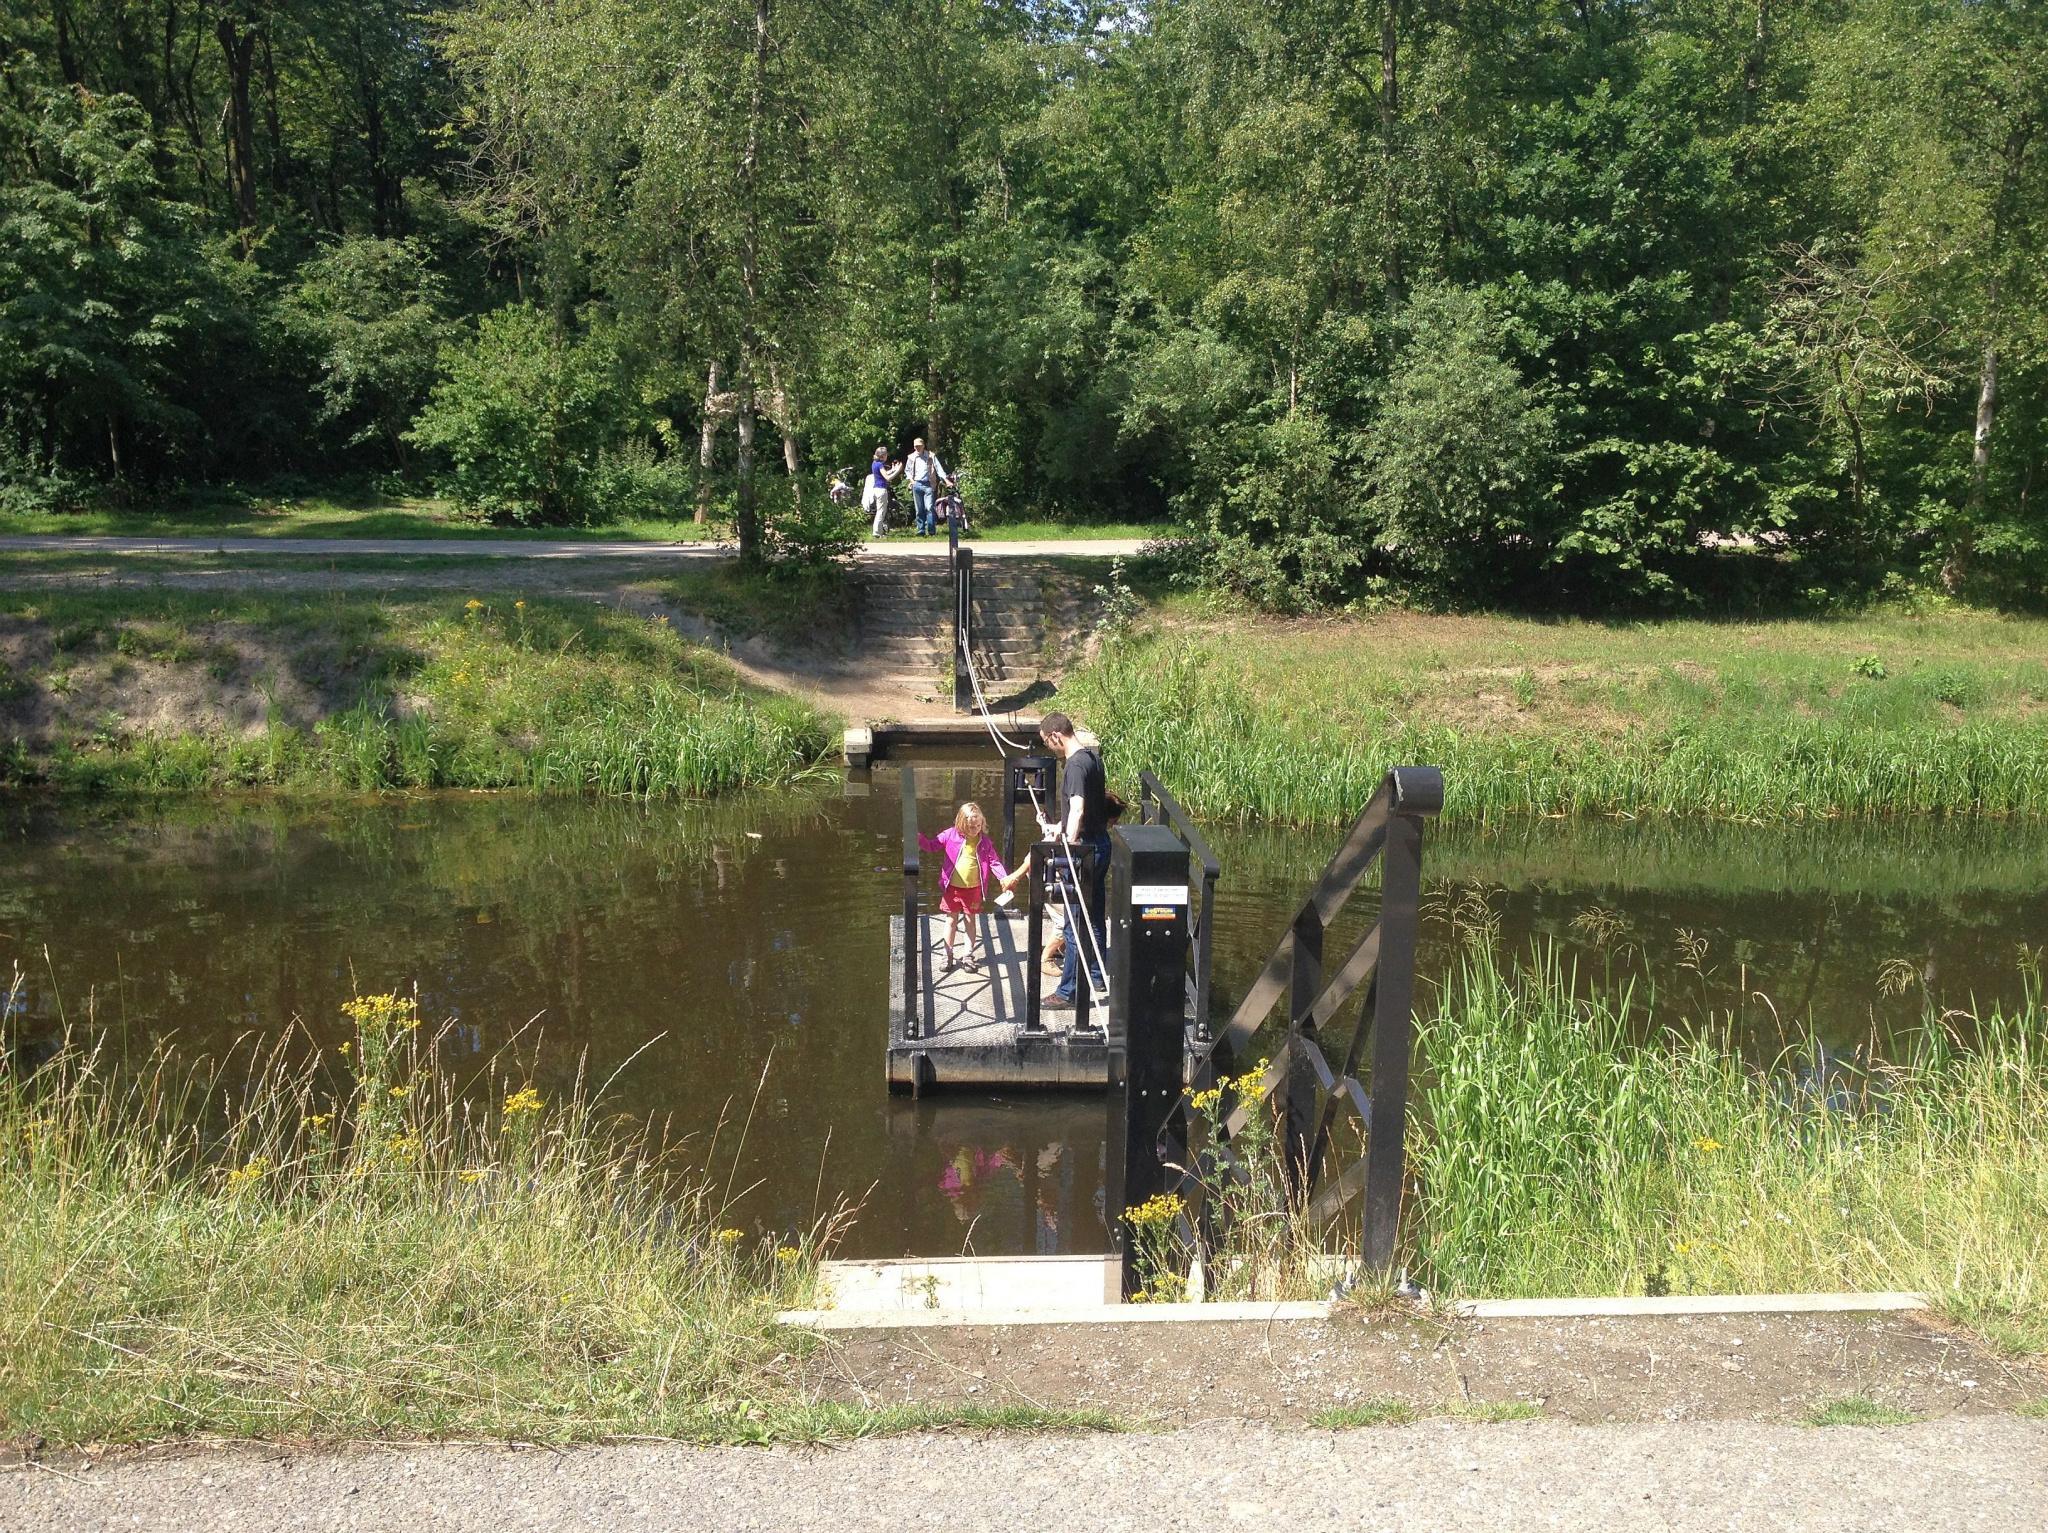 Trekpont bij Julianapark krijgt steun in initiatief wandelroutes